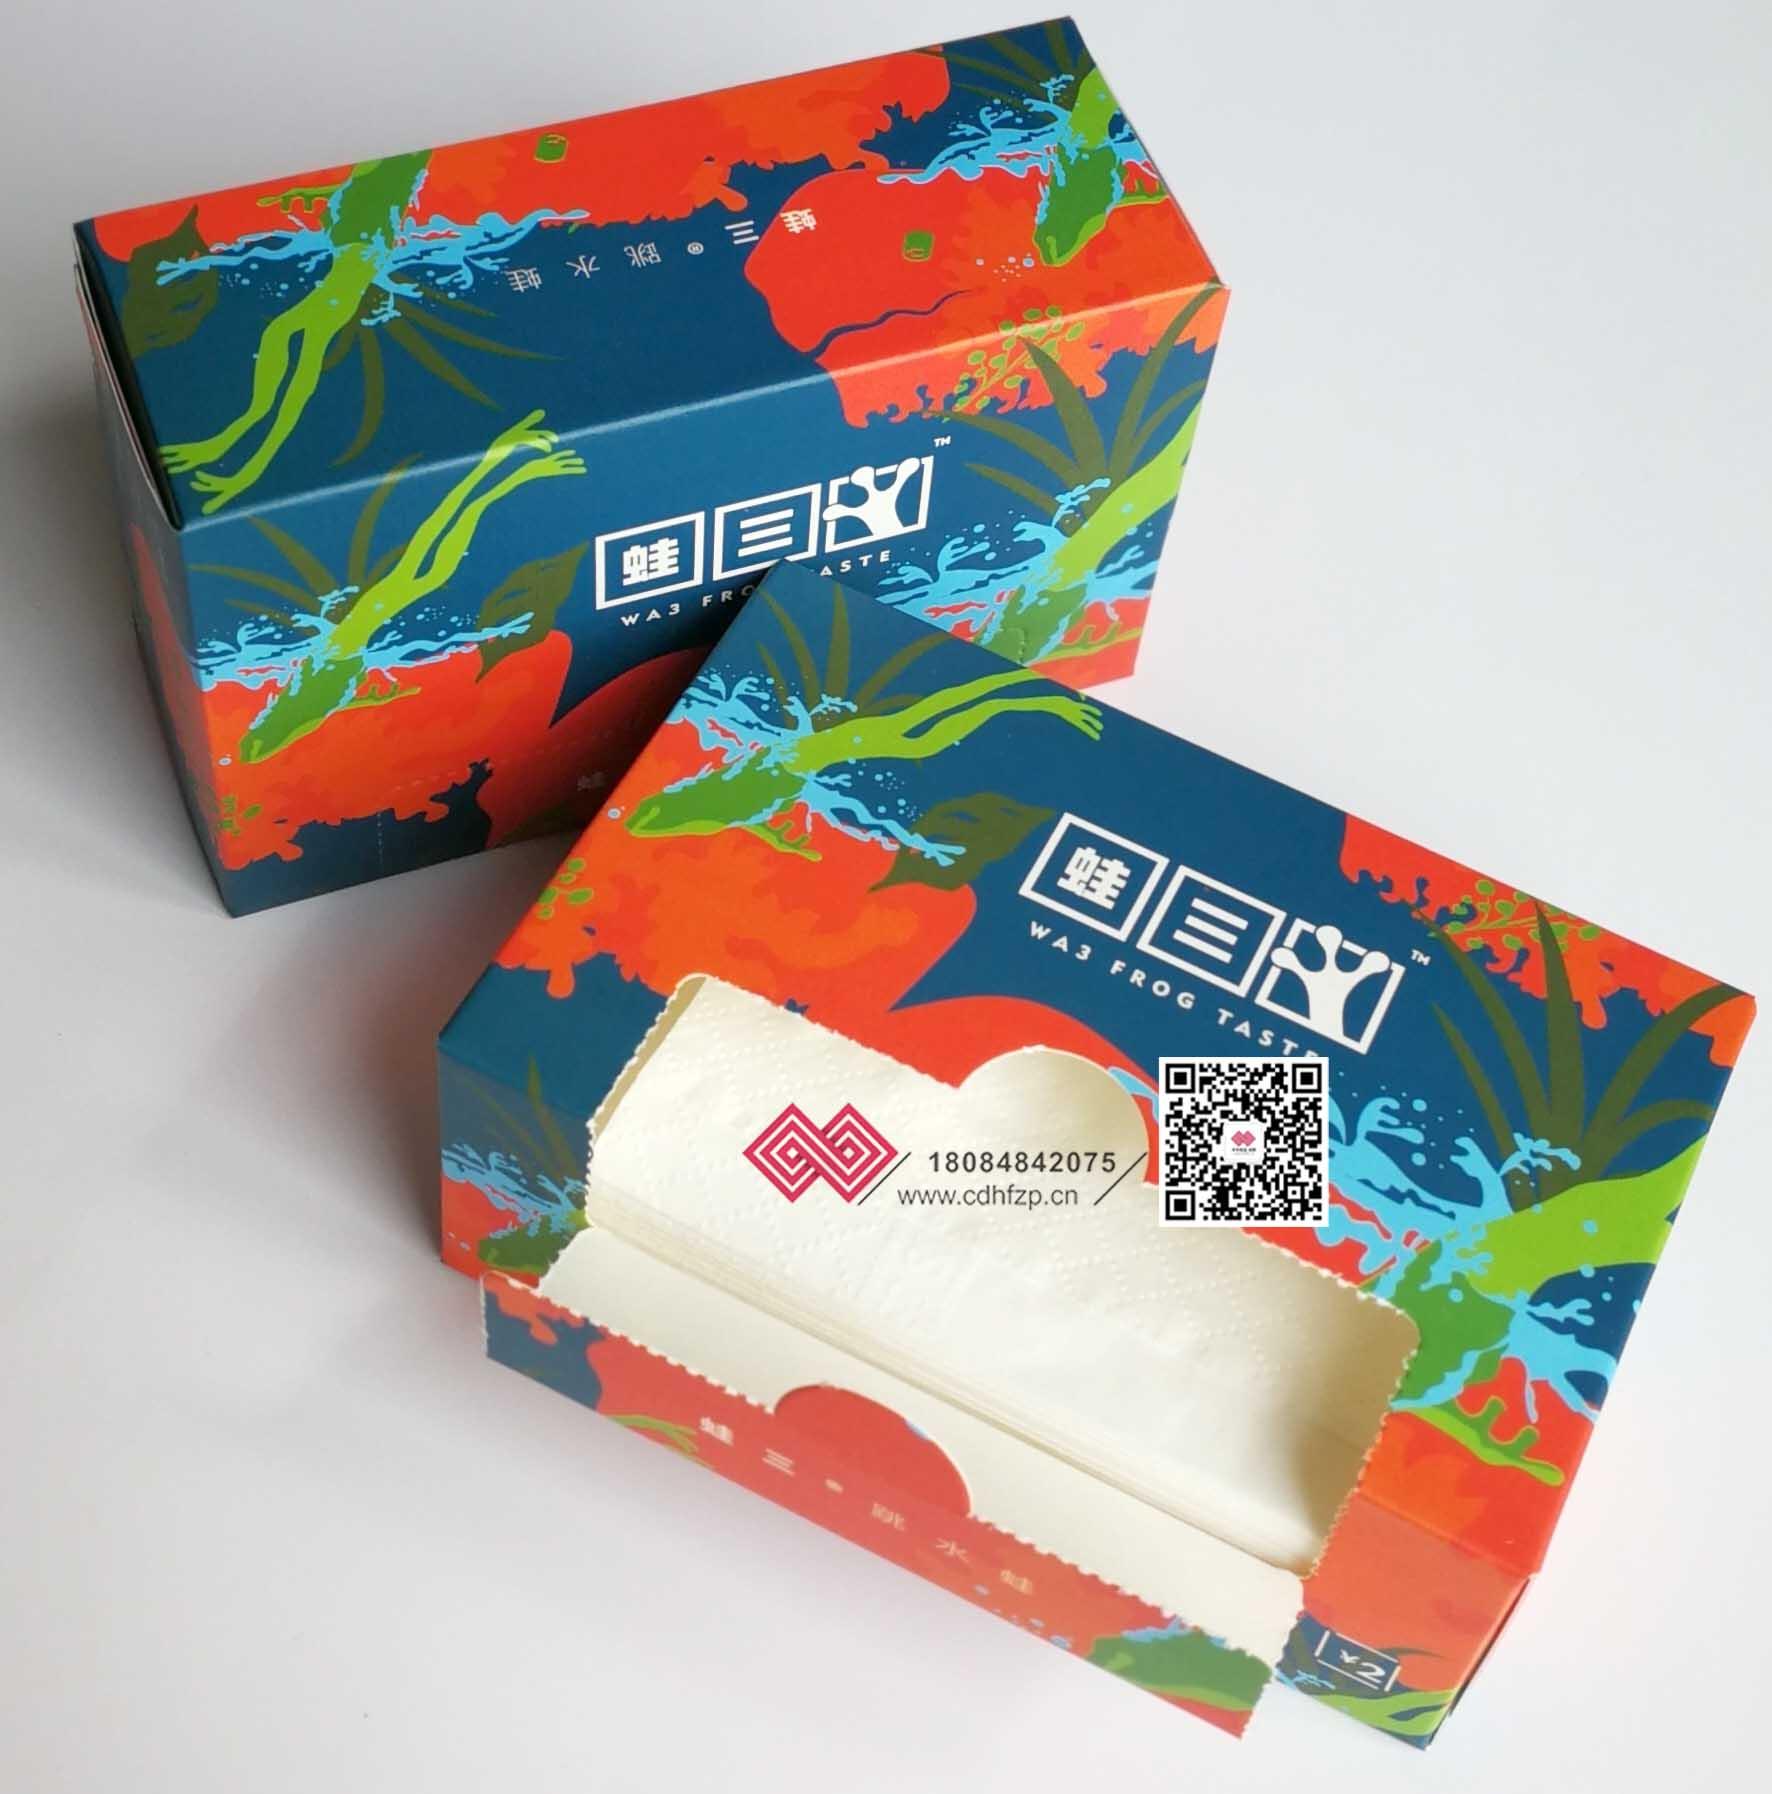 【低價來襲】廠家訂做LOGO星級酒店餐廳 煙盒裝紙巾*面巾紙